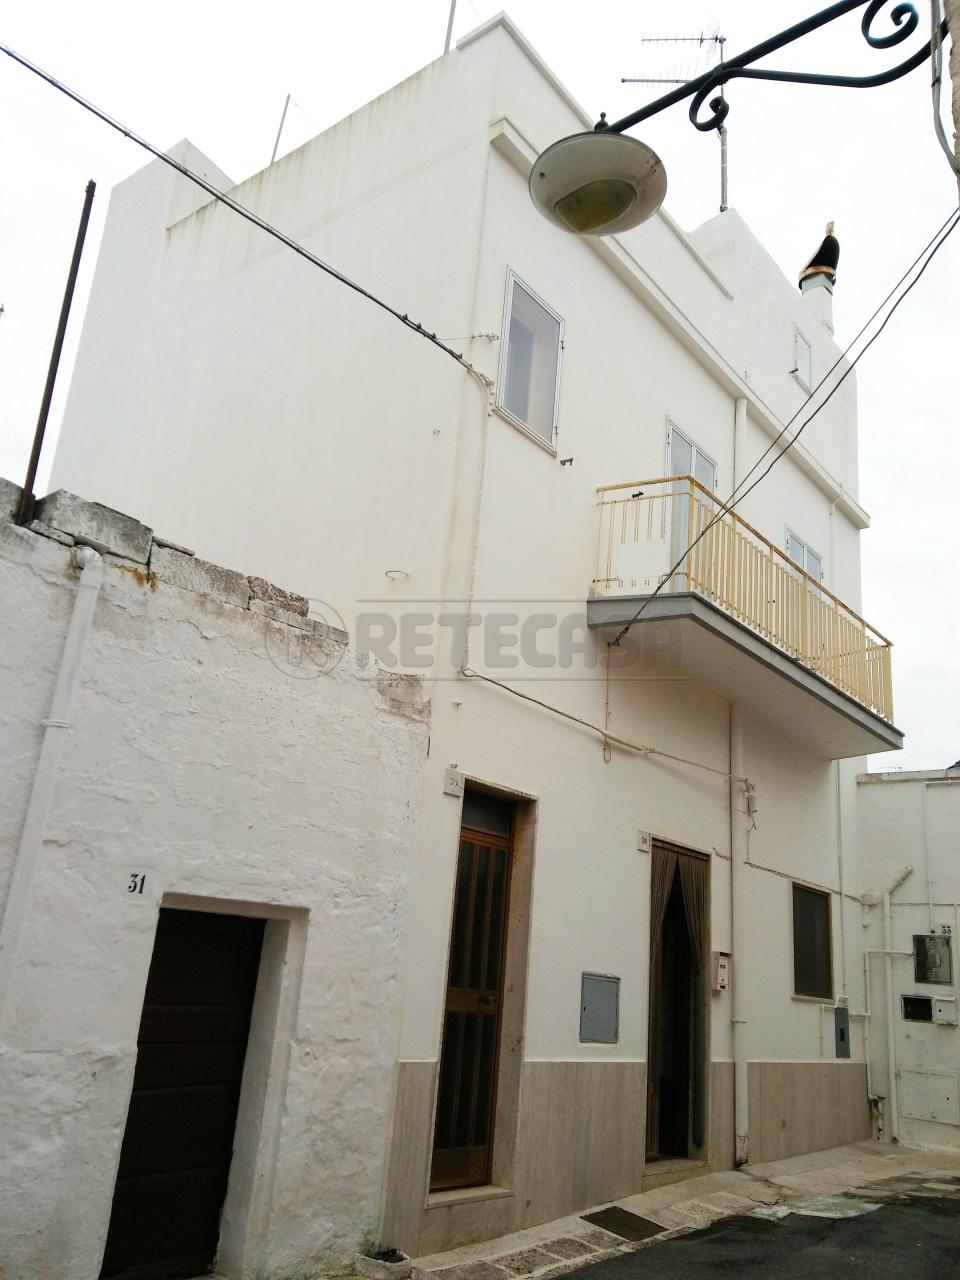 Soluzione Indipendente in vendita a Alberobello, 3 locali, prezzo € 85.000 | Cambio Casa.it